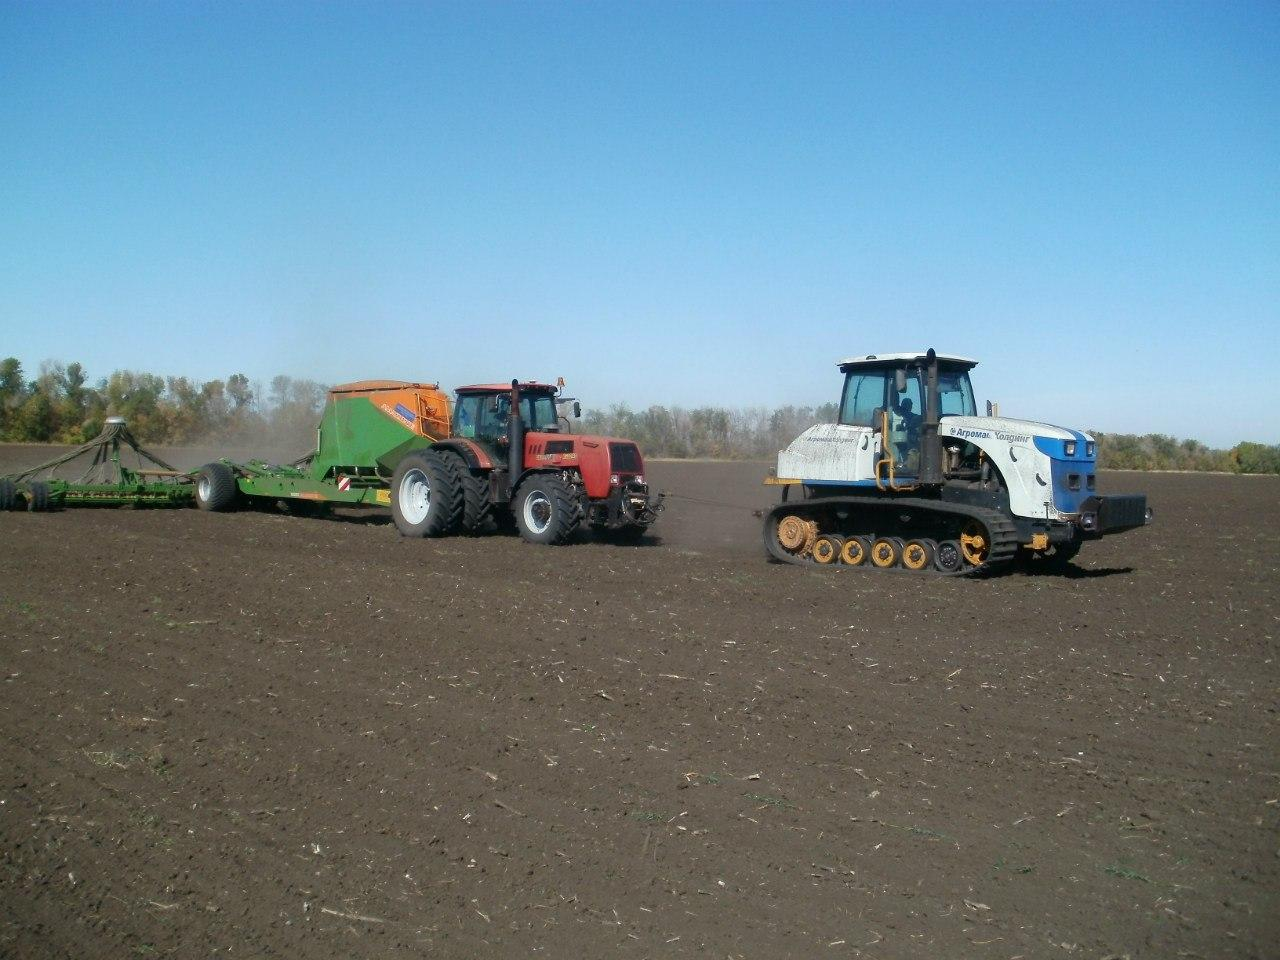 Барнаульские шинники расширяют ассортимент покрышек NorTec для сельского хозяйства